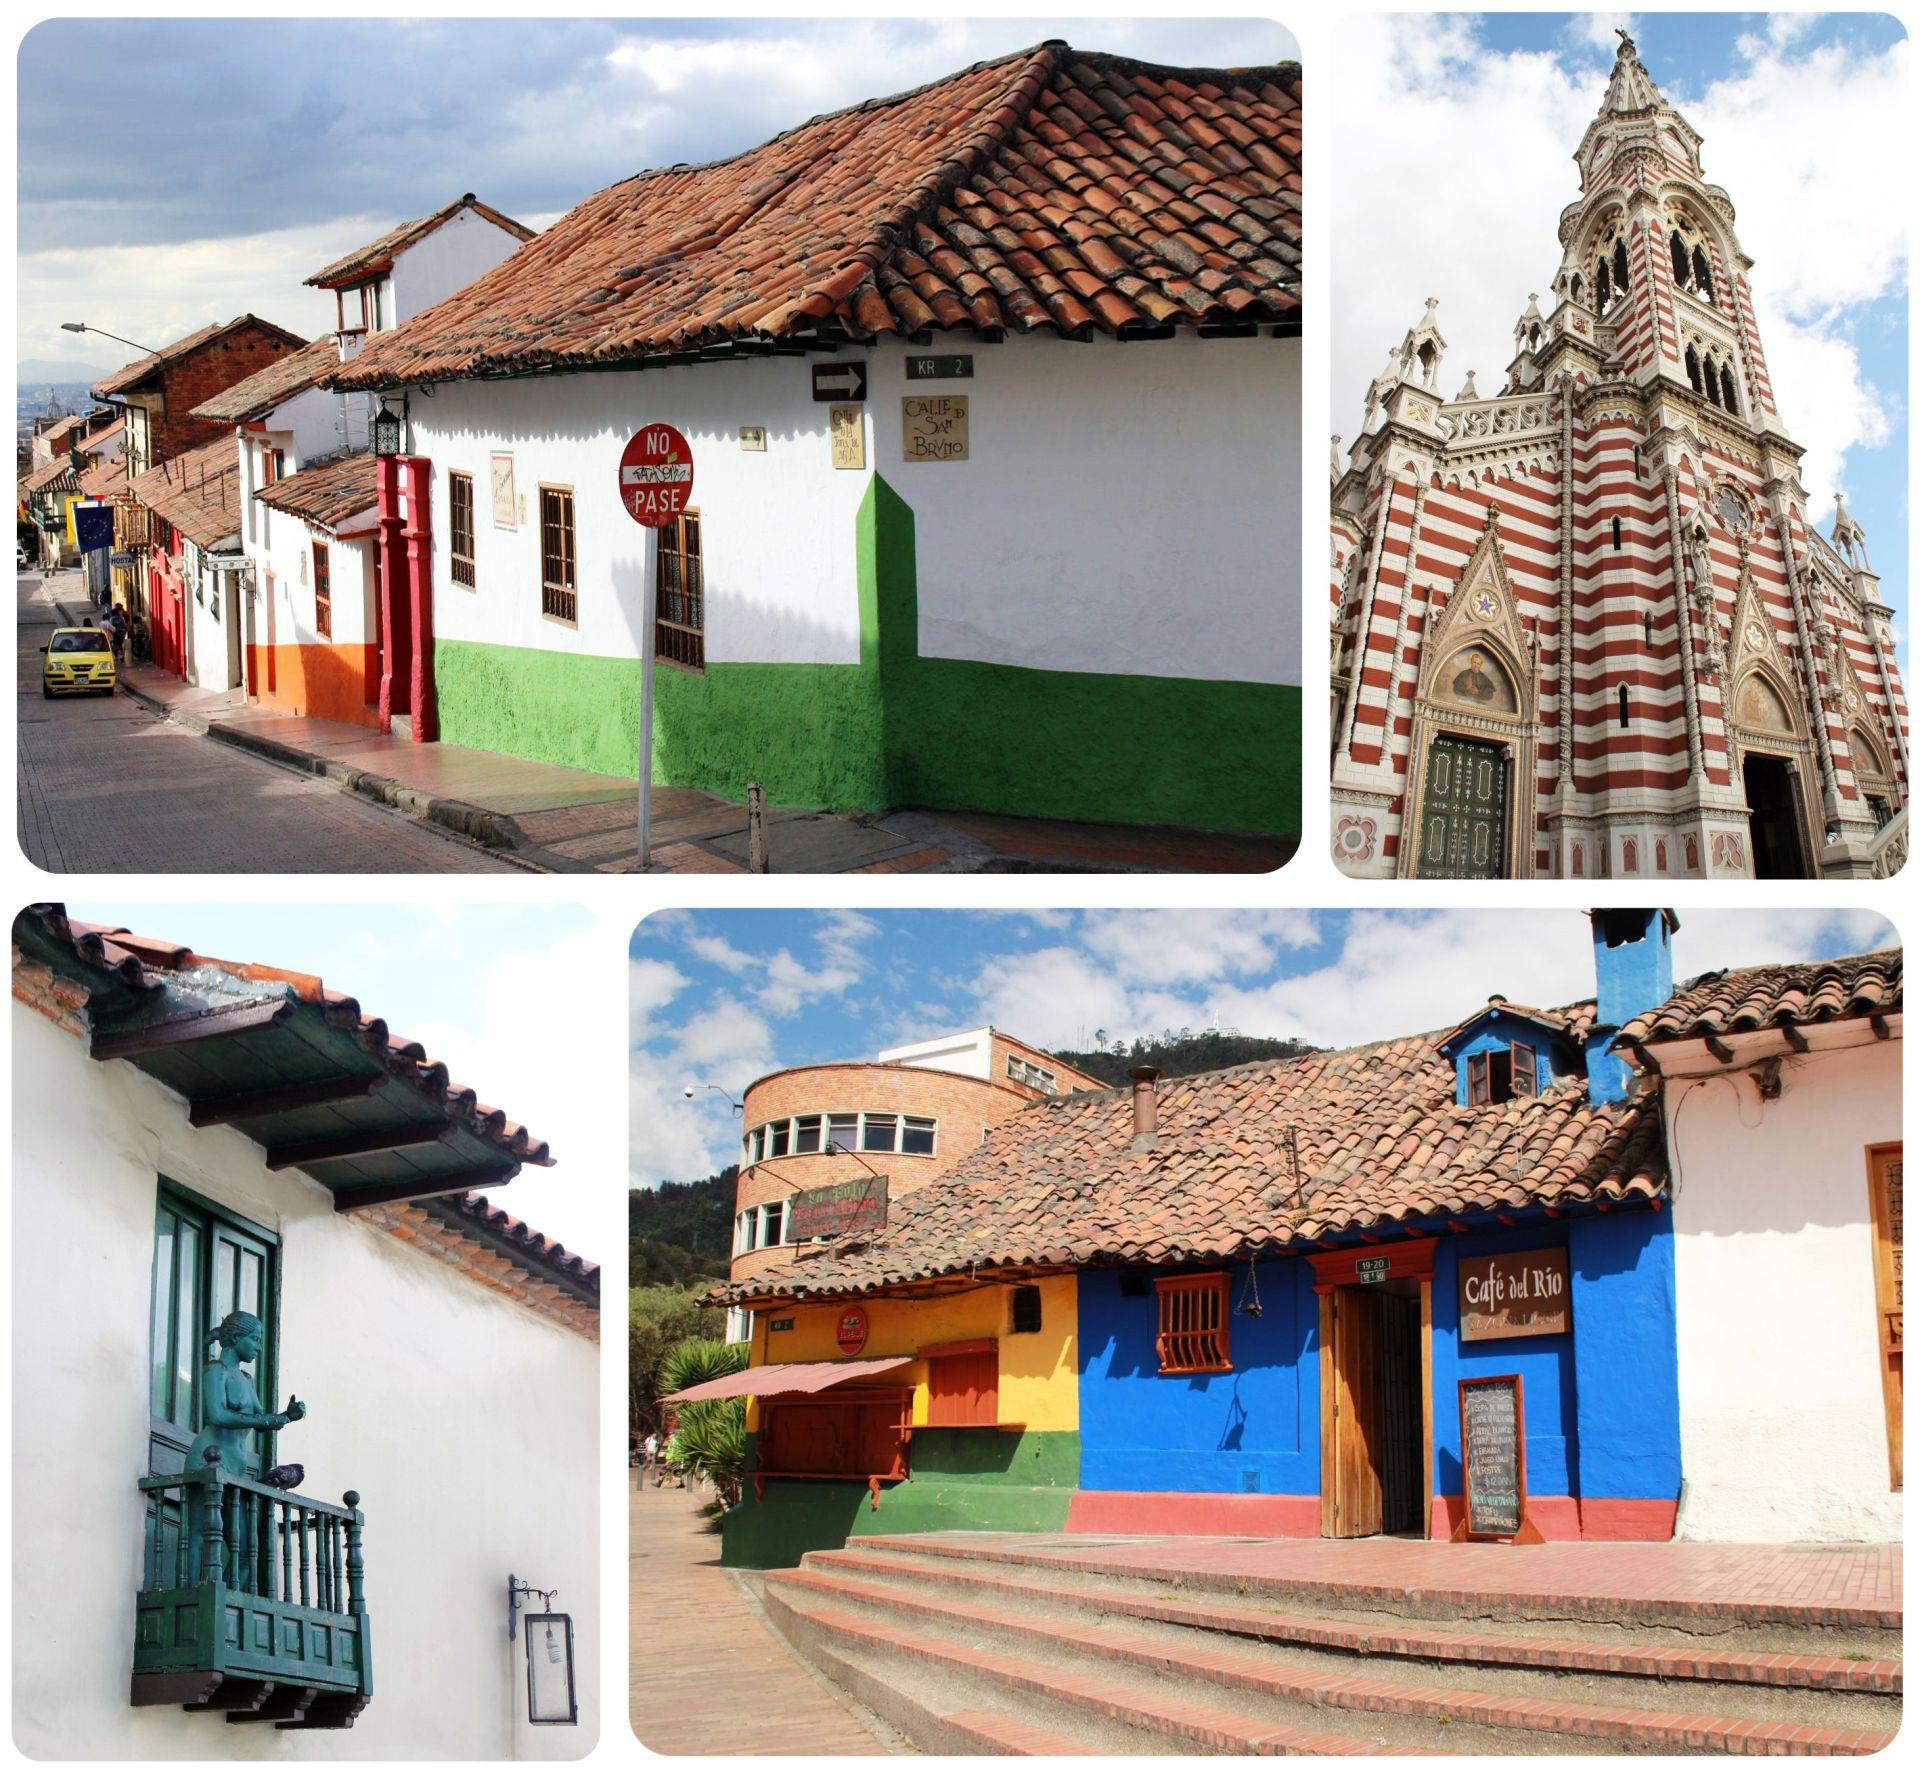 Bogota La Candelaria neighborhood